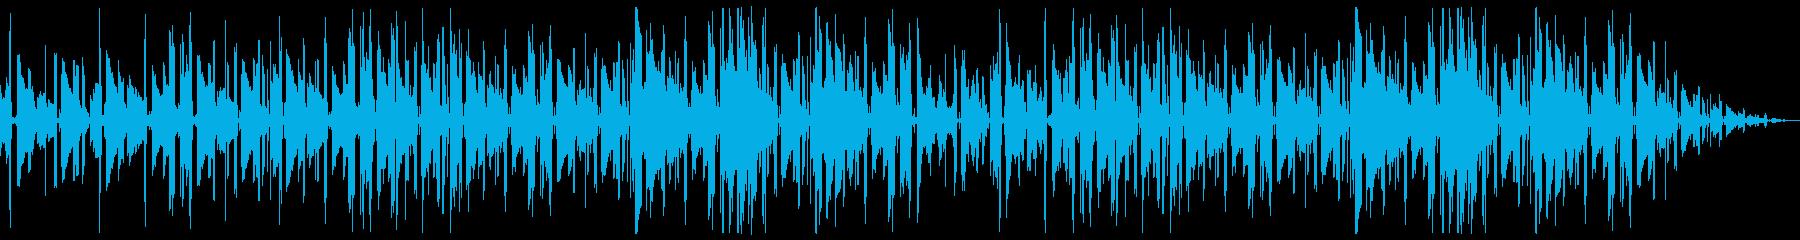 切ないネオソウルギター主体のチルホップの再生済みの波形